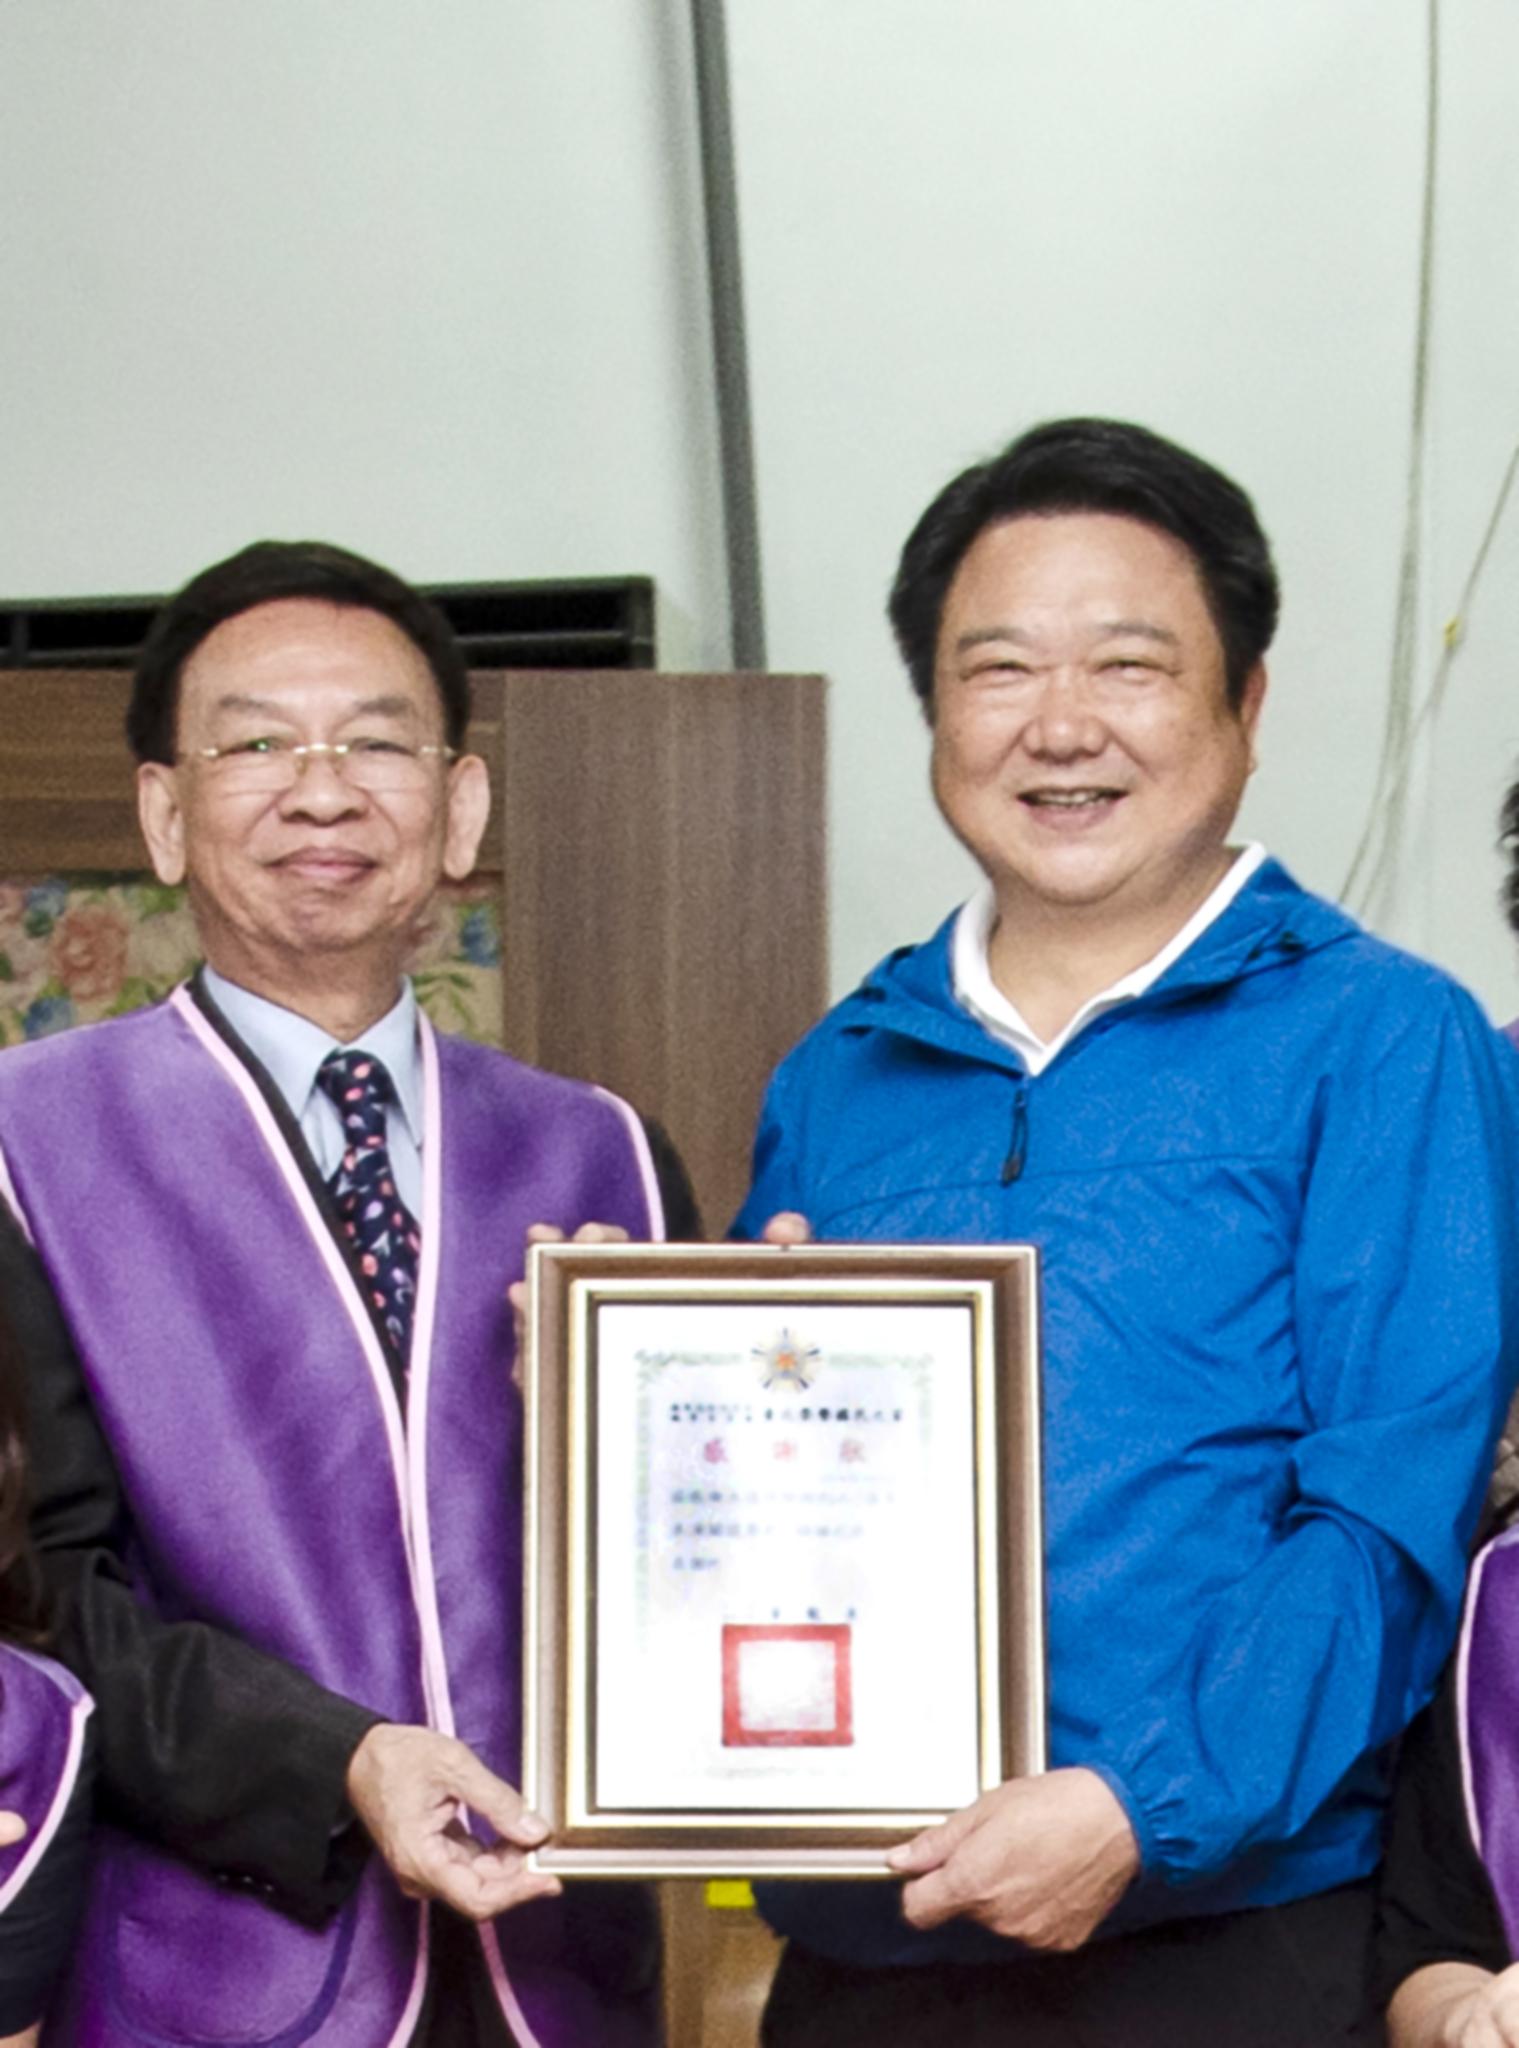 台北榮民之家董龍泉主任頒發感謝狀給葉明全業務副總。